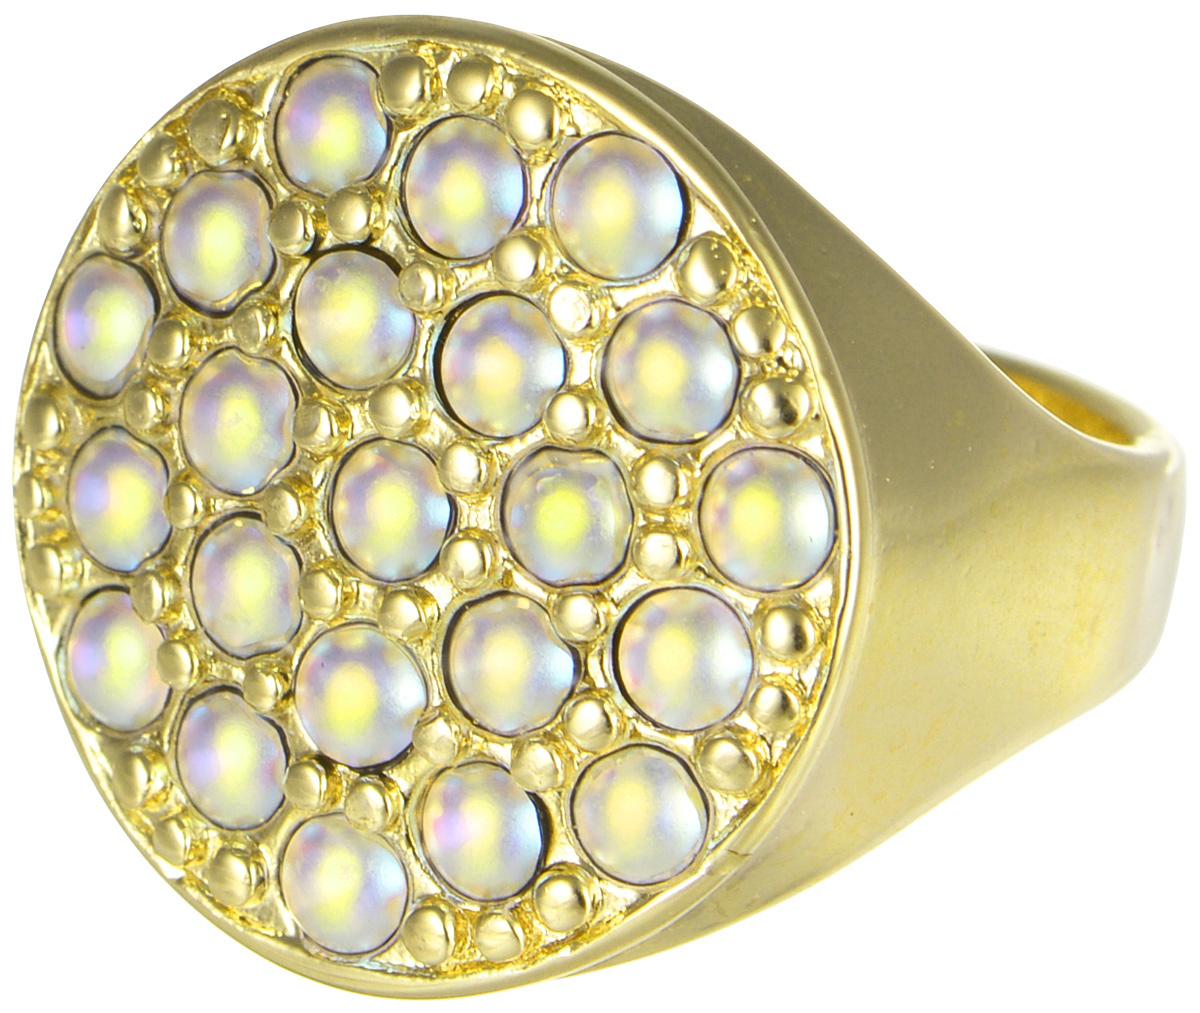 Кольцо Jenavi Франциска. Лош, цвет: золотой, мультиколор. j724p070. Размер 20Коктейльное кольцоКольцо Jenavi Лош из коллекции Франциска изготовлено из гипоаллергенного ювелирного сплава с позолотой и украшено радужными кристаллами Swarovski. Очарованию этого аксессуара невозможно противостоять. Это позолоченное кольцо станет прекрасным аксессуаром для современной модницы, которая любит демонстрировать передовые взгляды и надевать самые актуальные украшения.